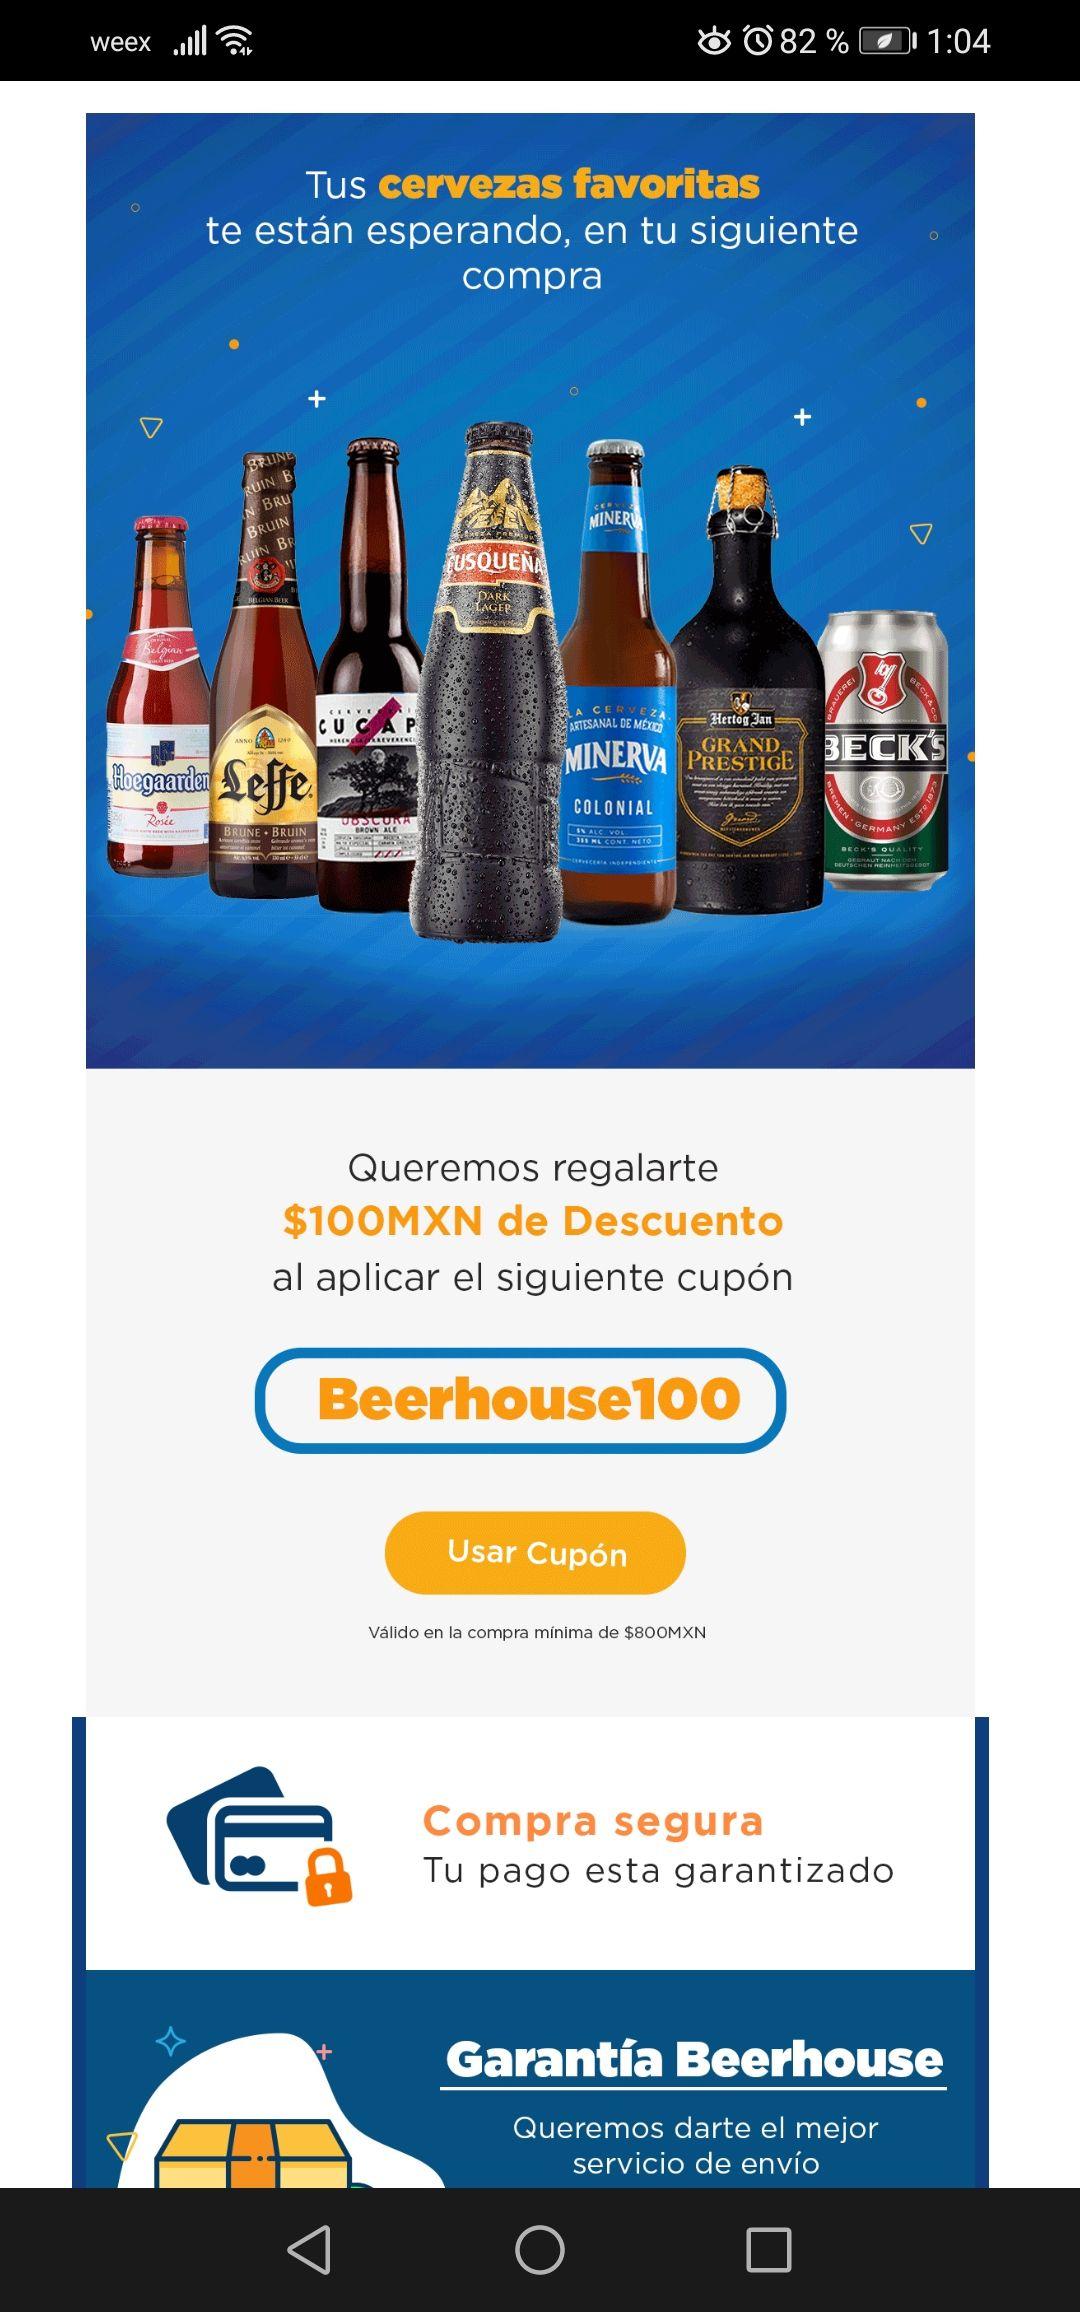 Beerhouse: Cupón de $100 de descuento al comprar $800